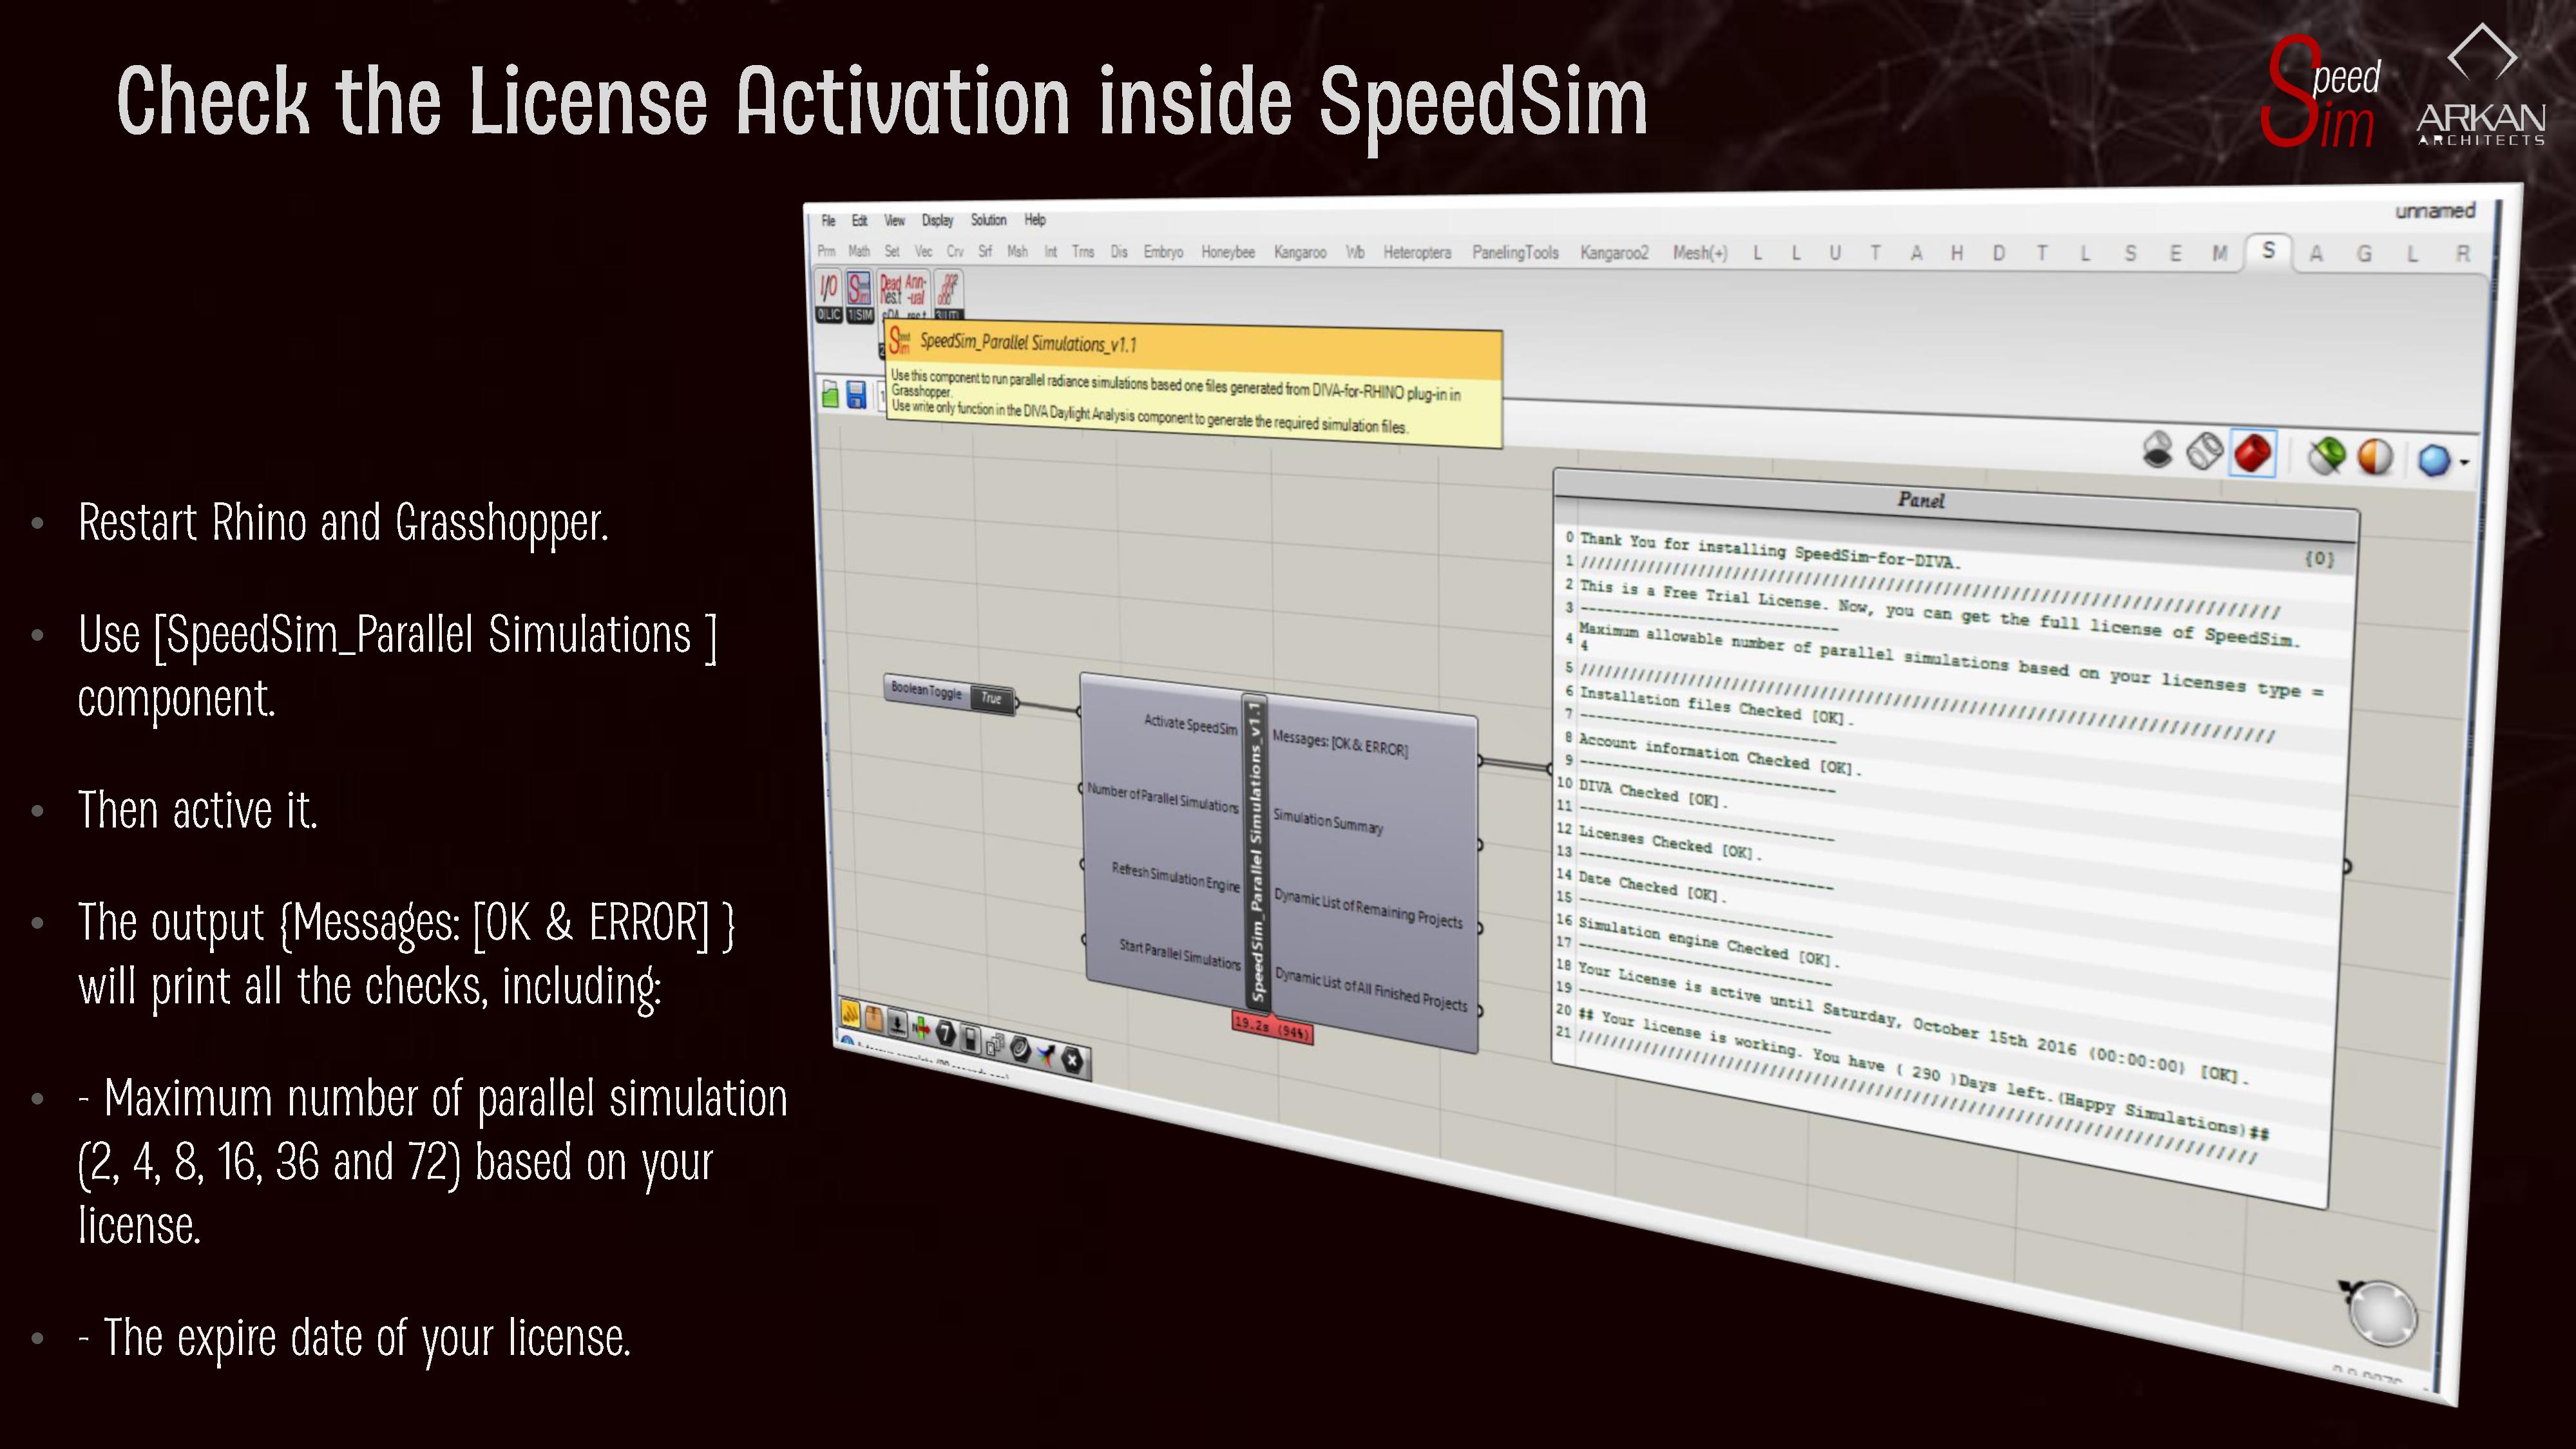 Check License Activation in SpeedSim